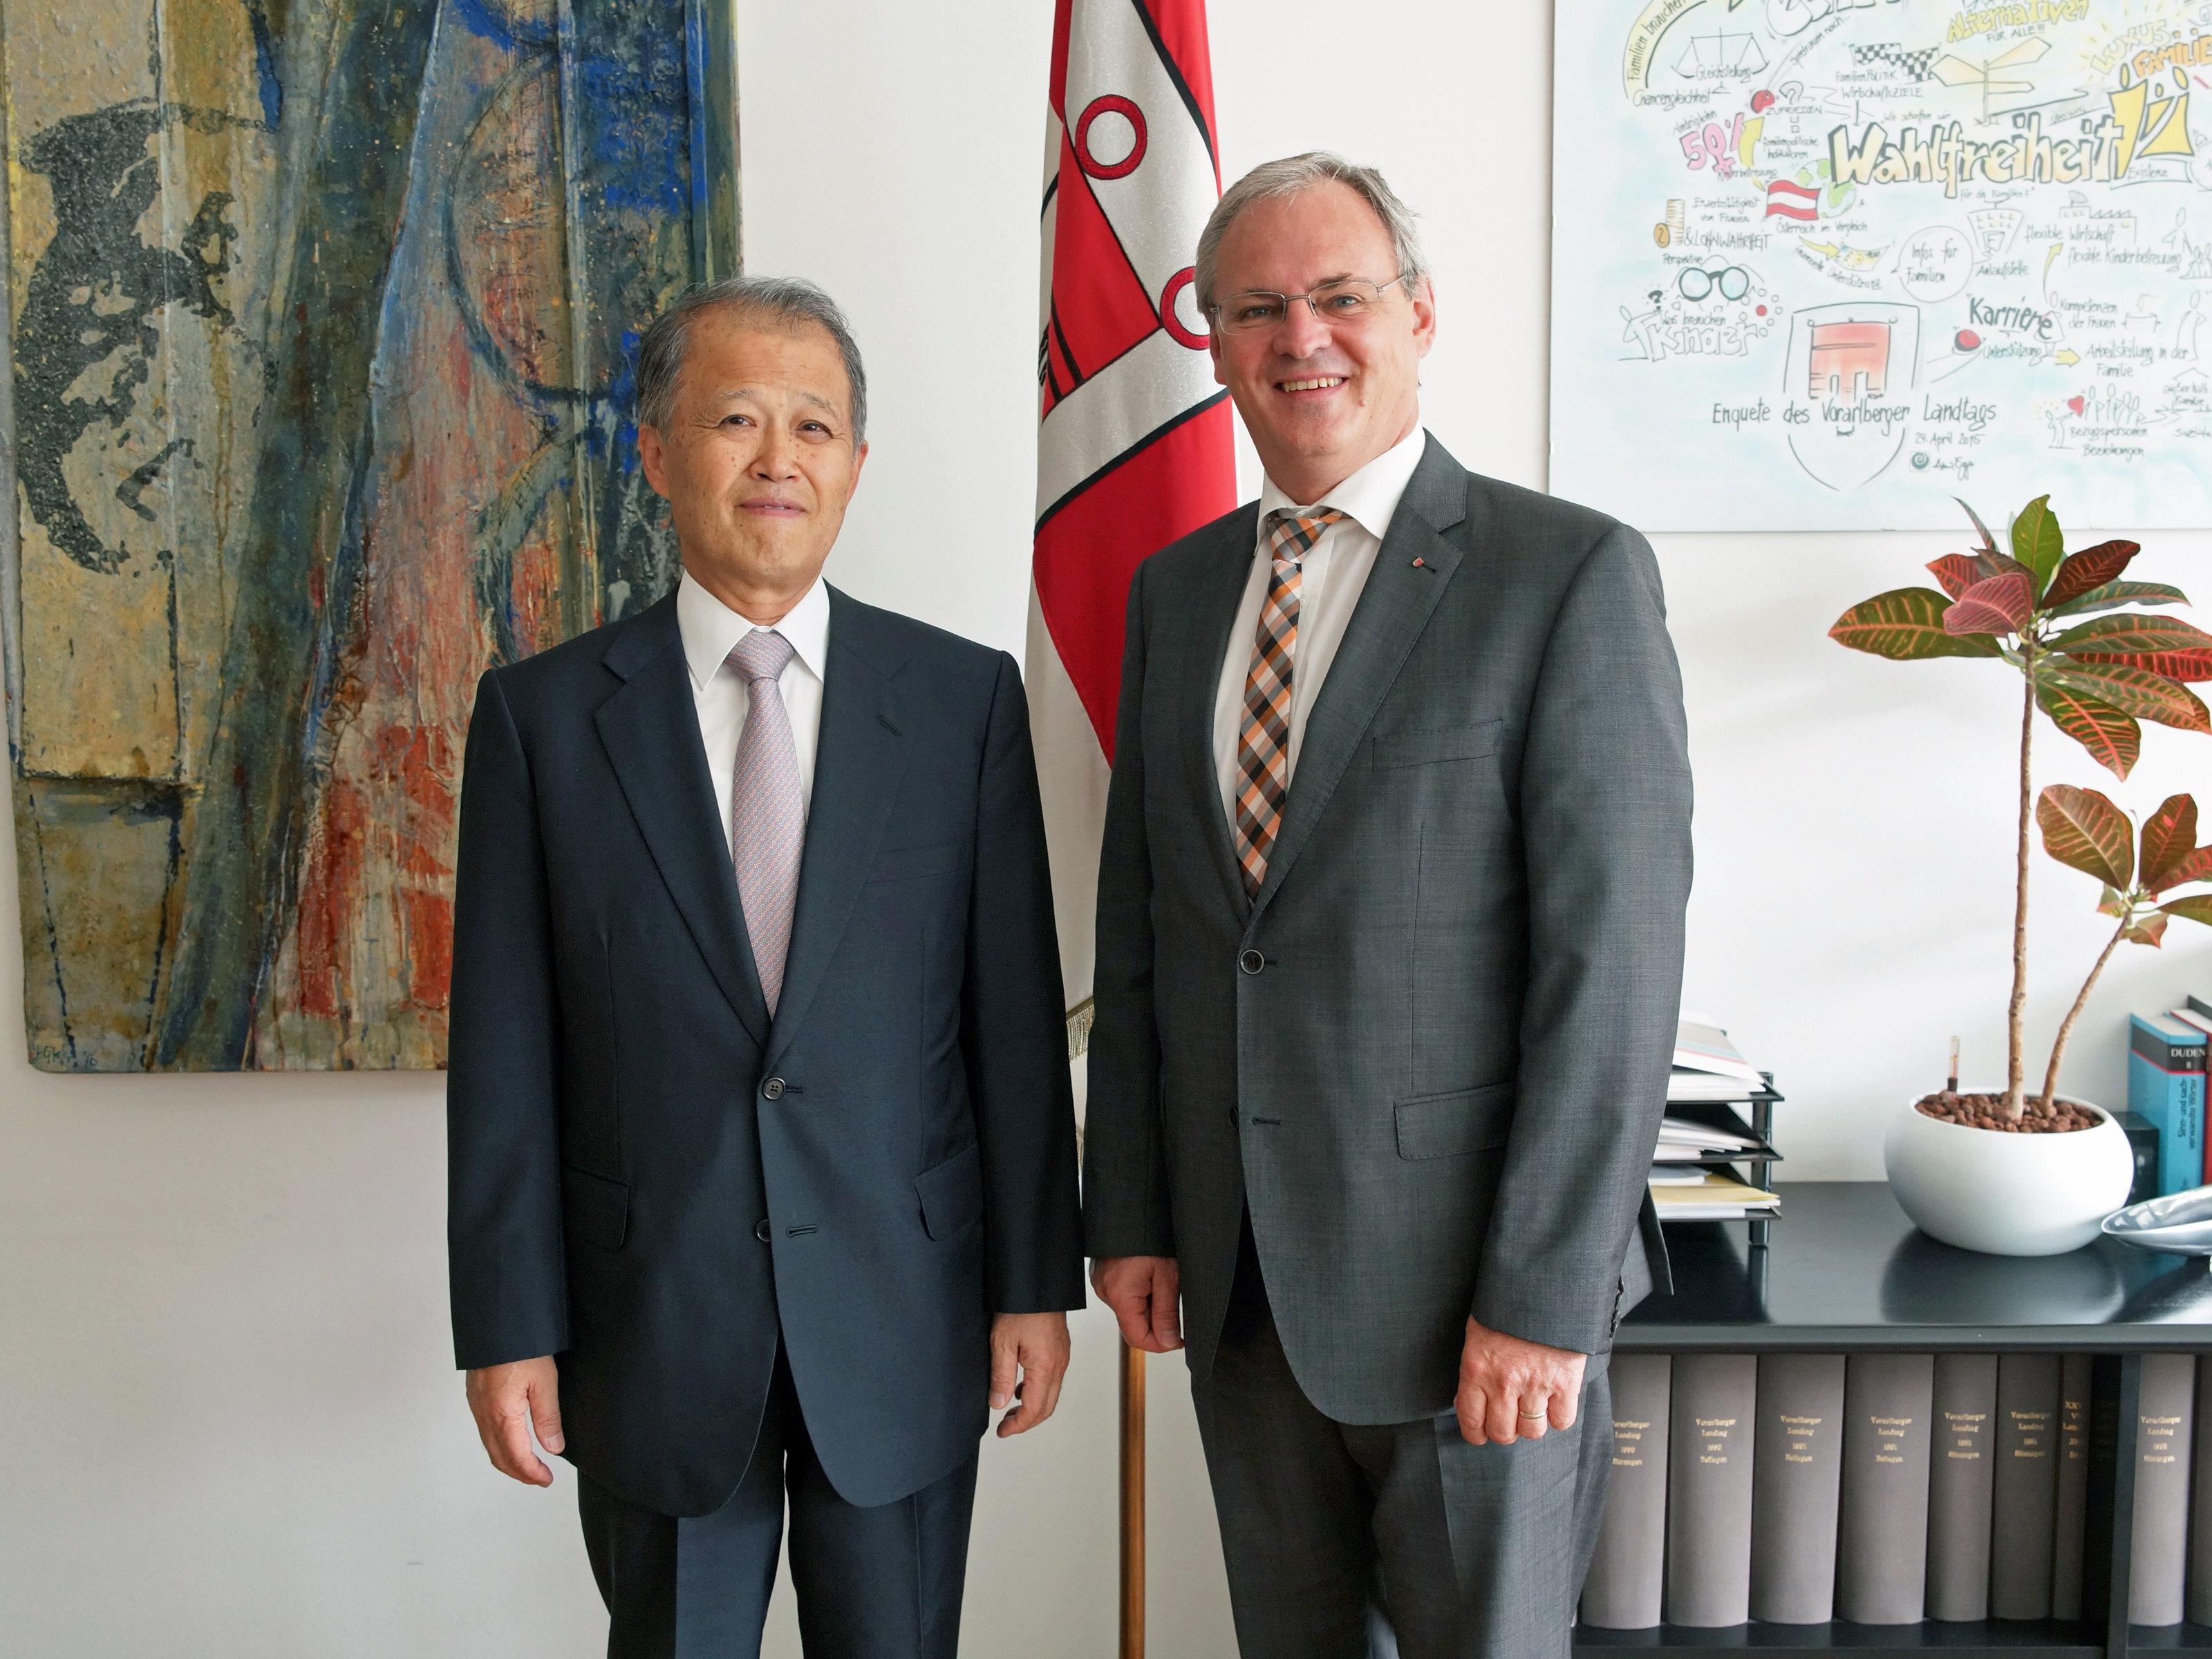 Der japanische Botschafter für Österreich, Makoto Taketoshi, war heute zu Besuch in der Landeshauptstadt.